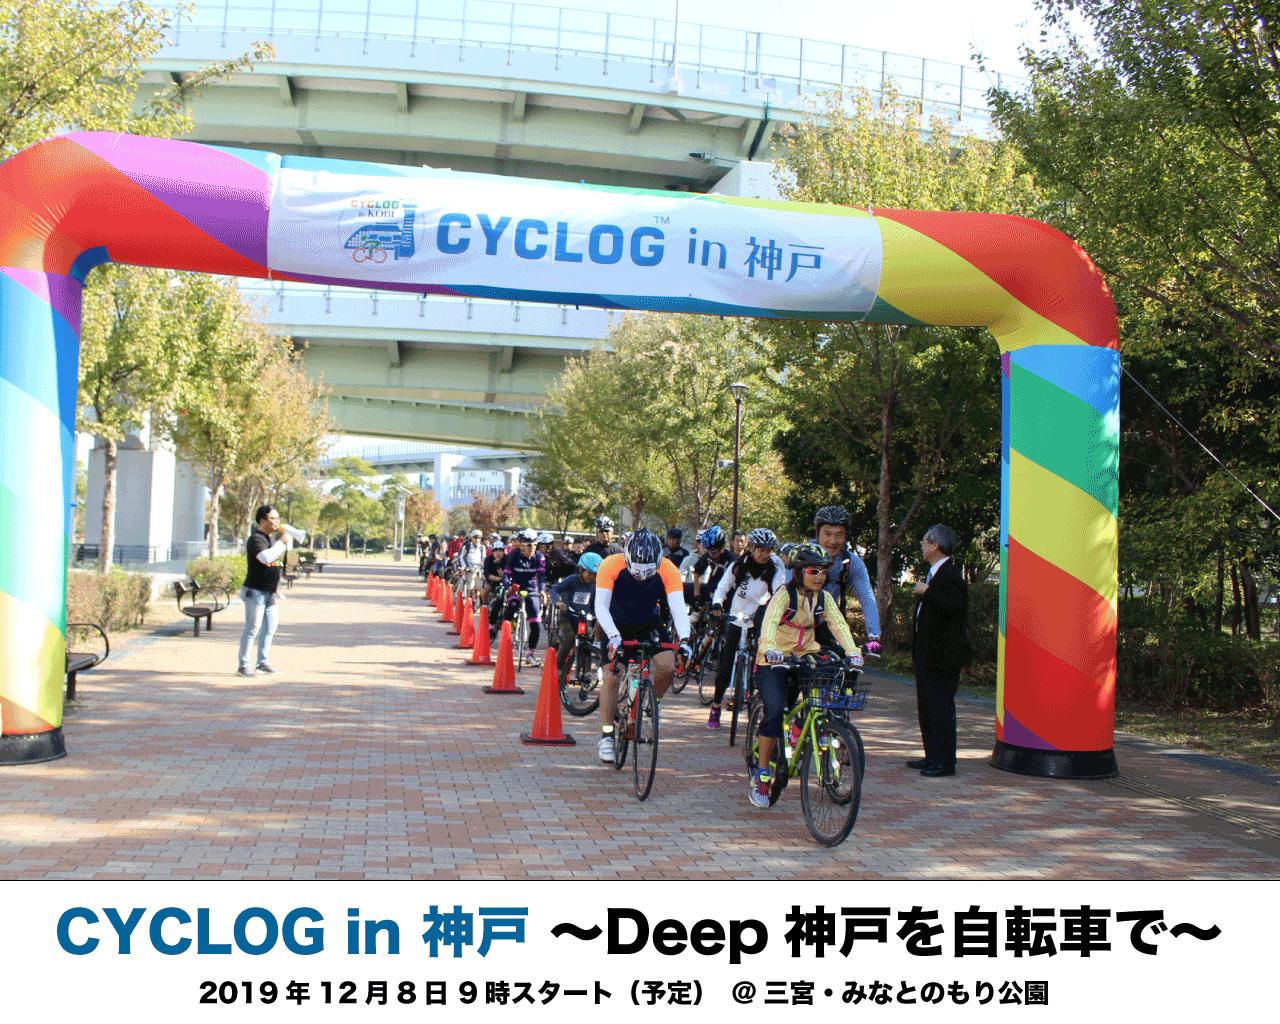 〜自転車で神戸の観光振興を〜CYCLOG in 神戸2019